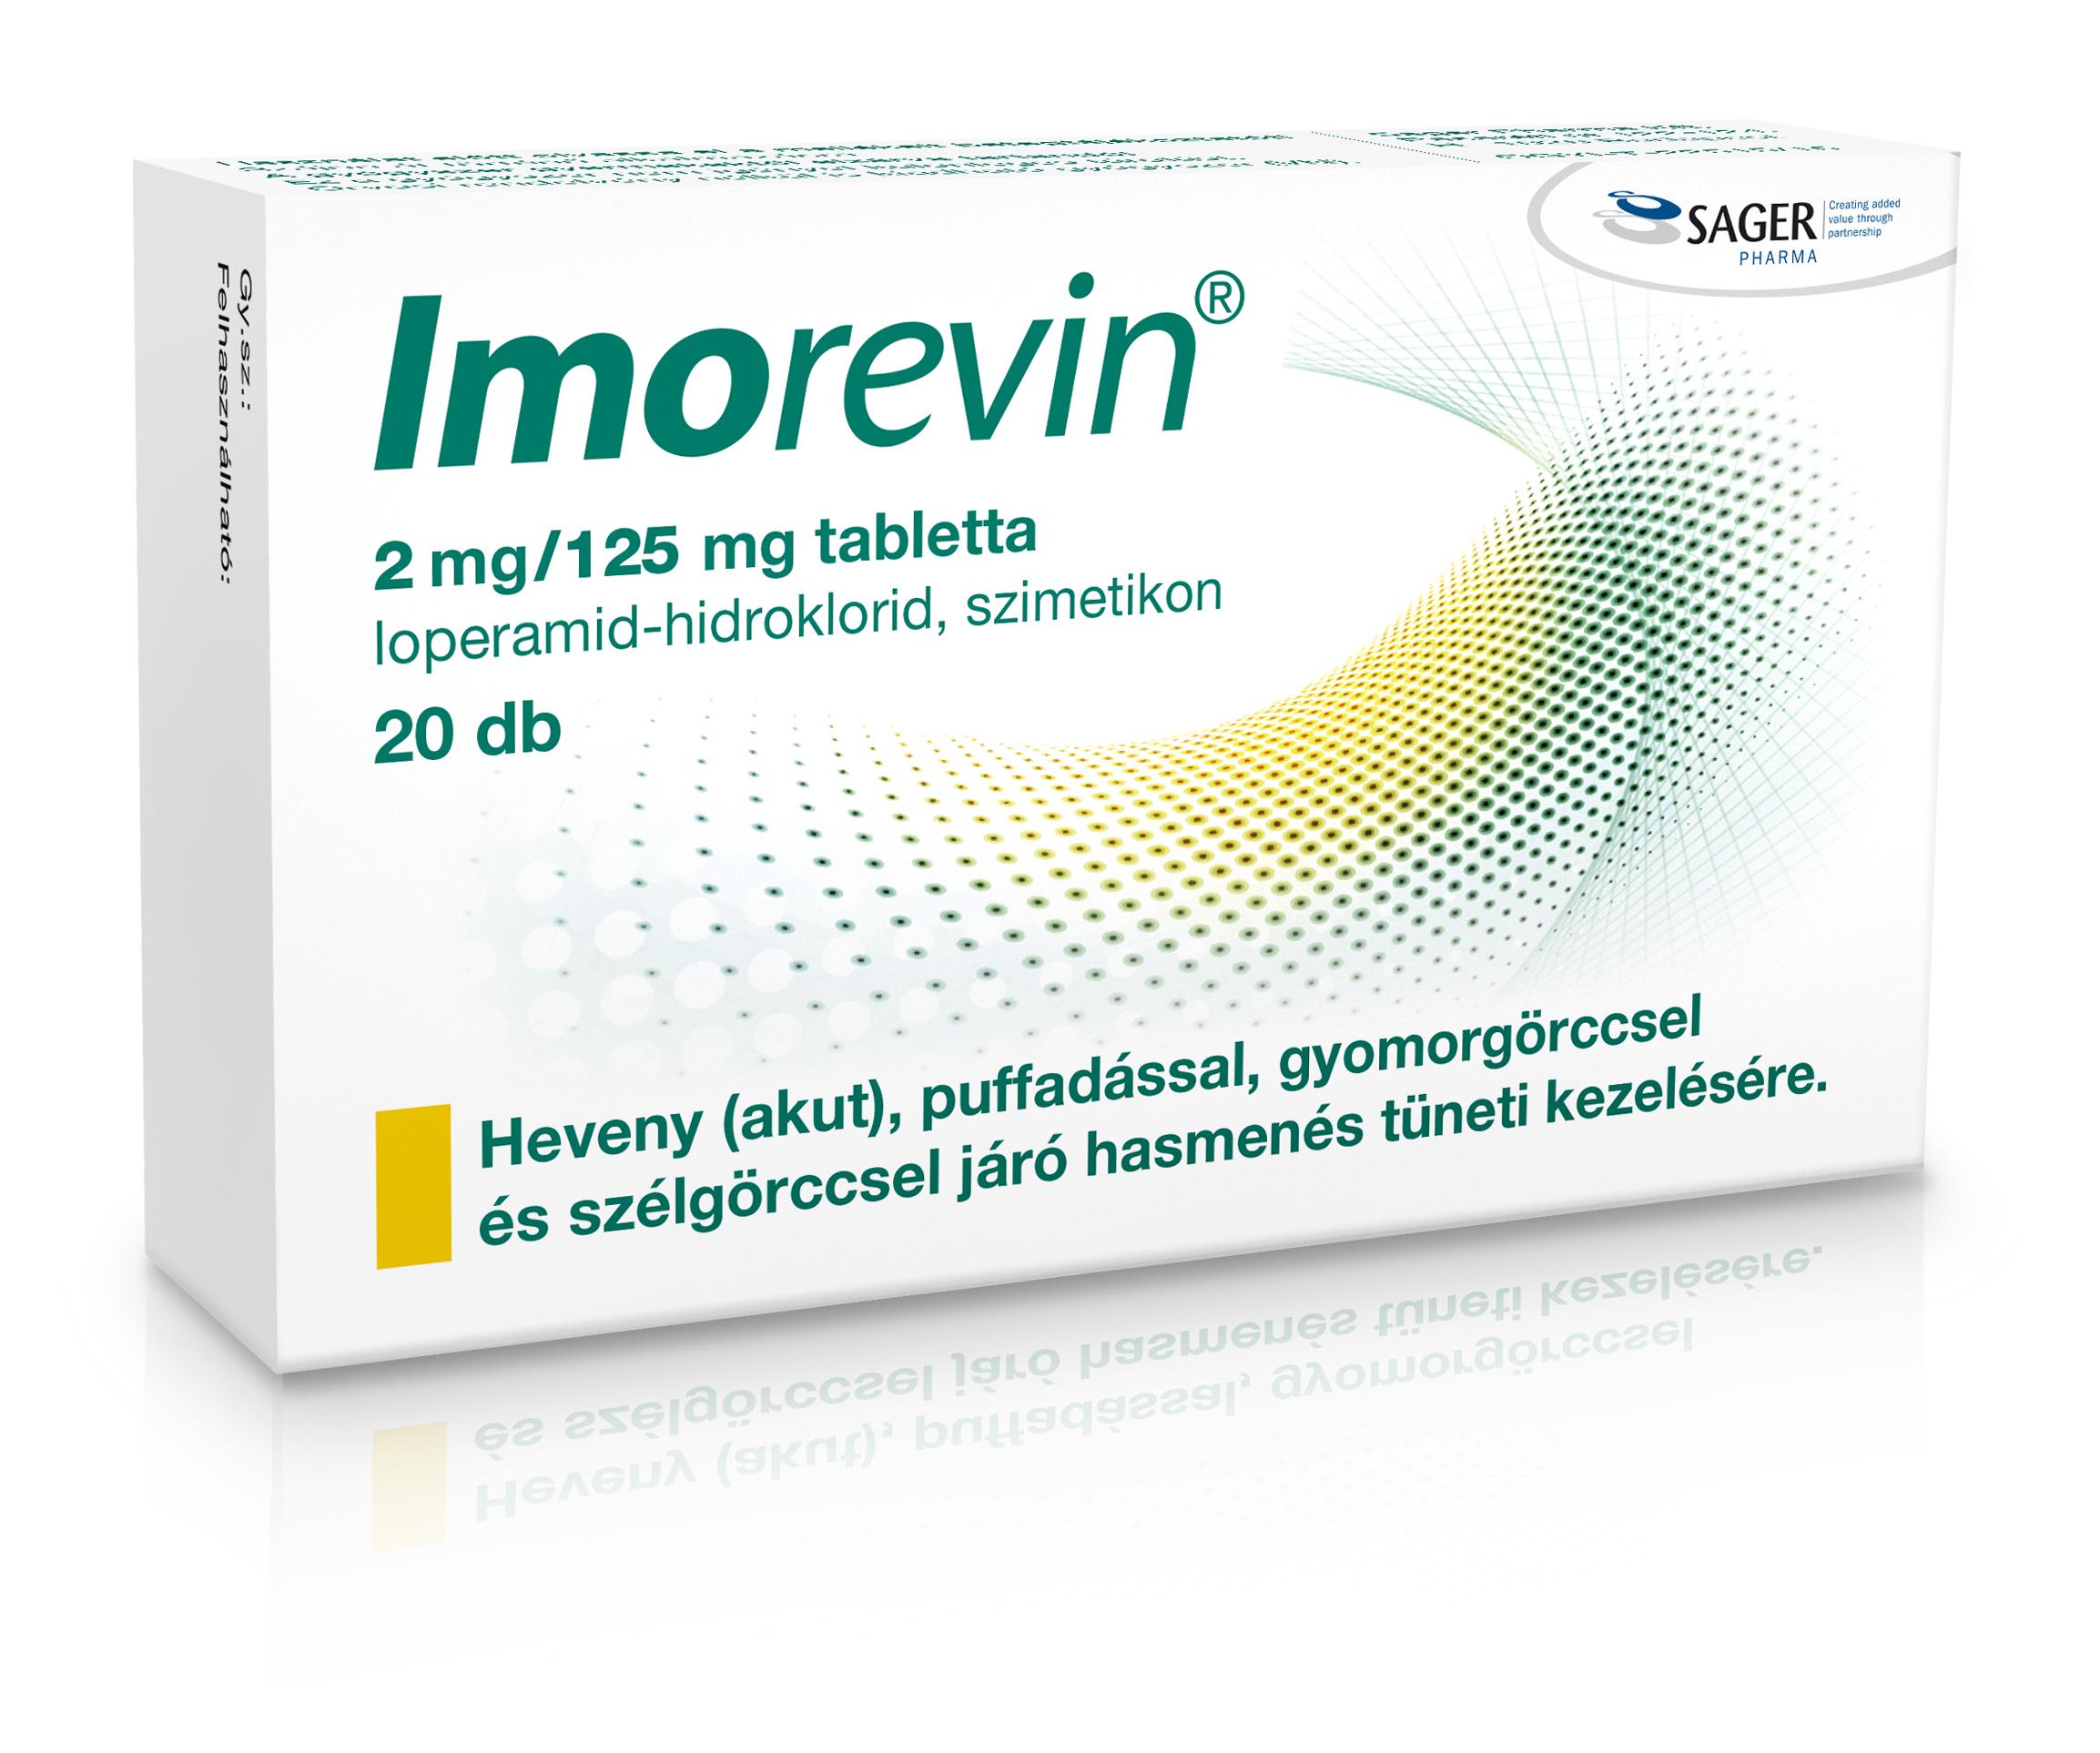 Antihelmintikus gyógyszerek megelőzése az emberek számára